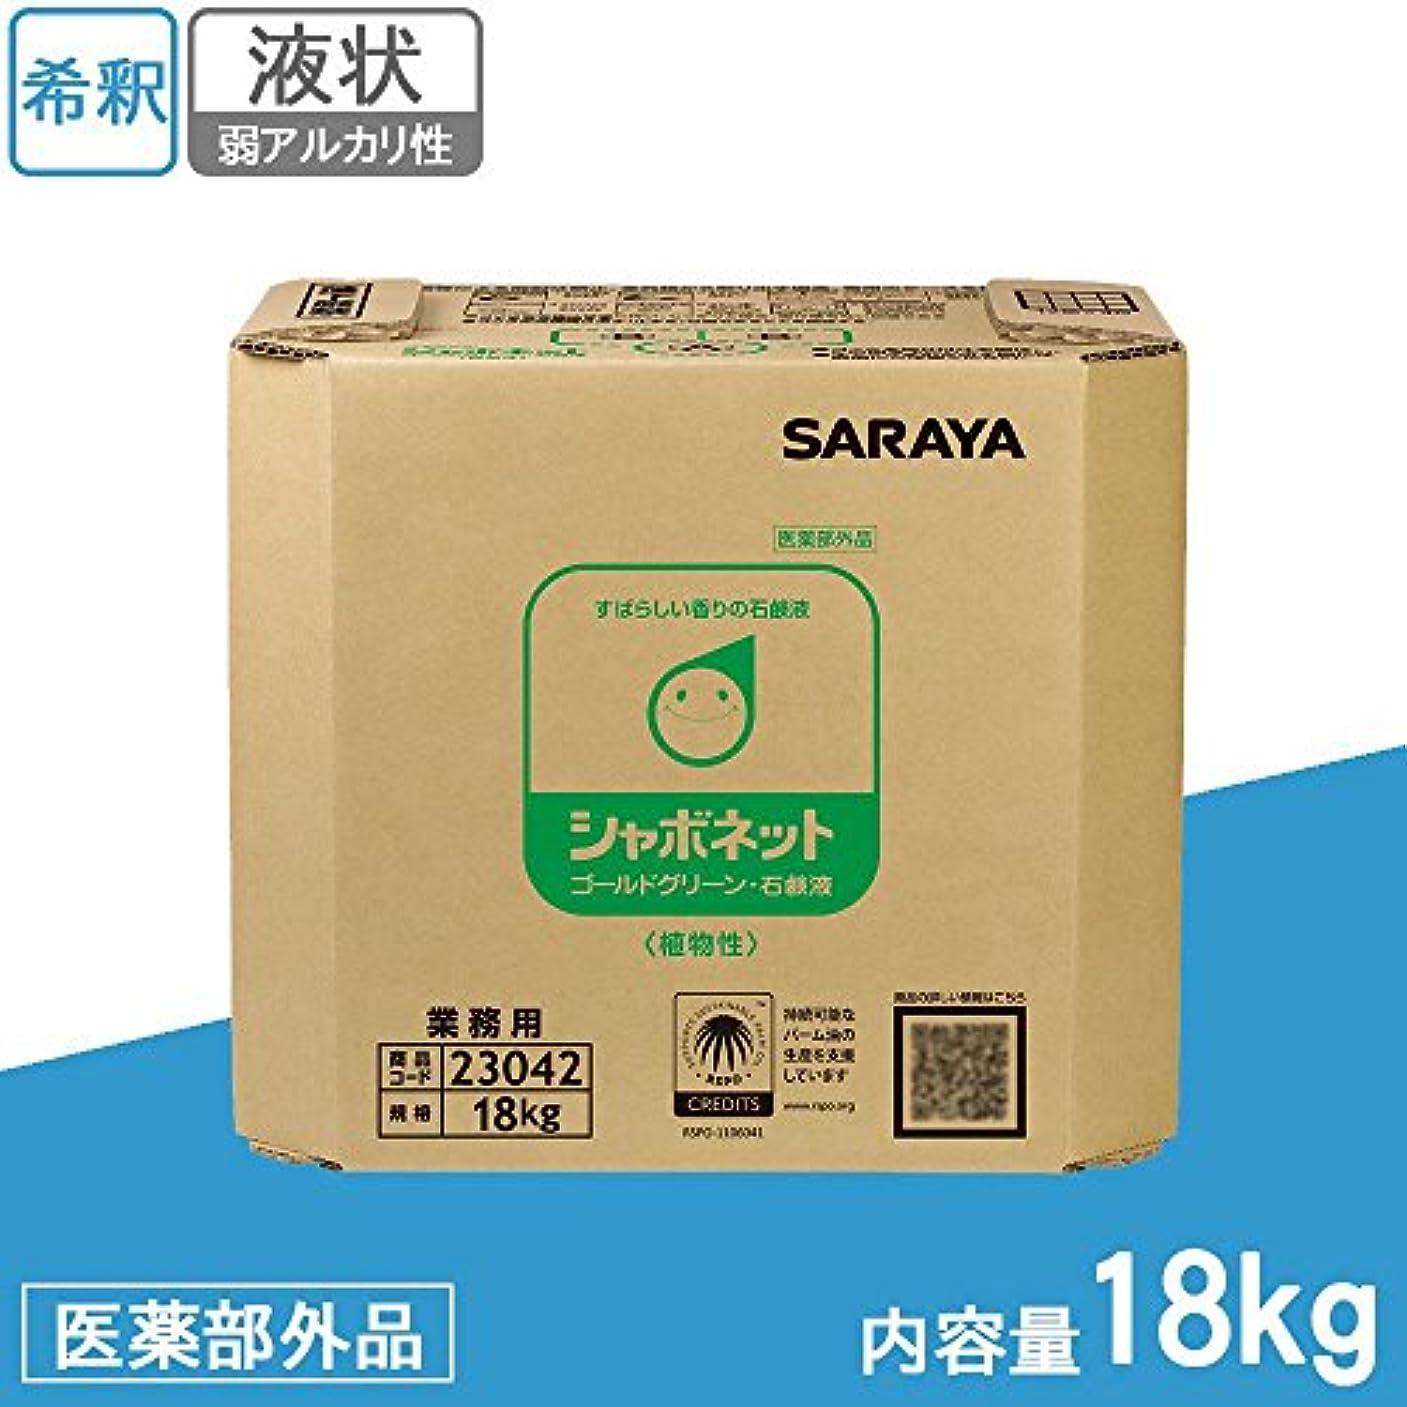 イチゴ取り付け安心サラヤ 業務用 手洗い用石けん液 シャボネットゴールドグリーン スズランの香り 18kg BIB 23042 (医薬部外品)